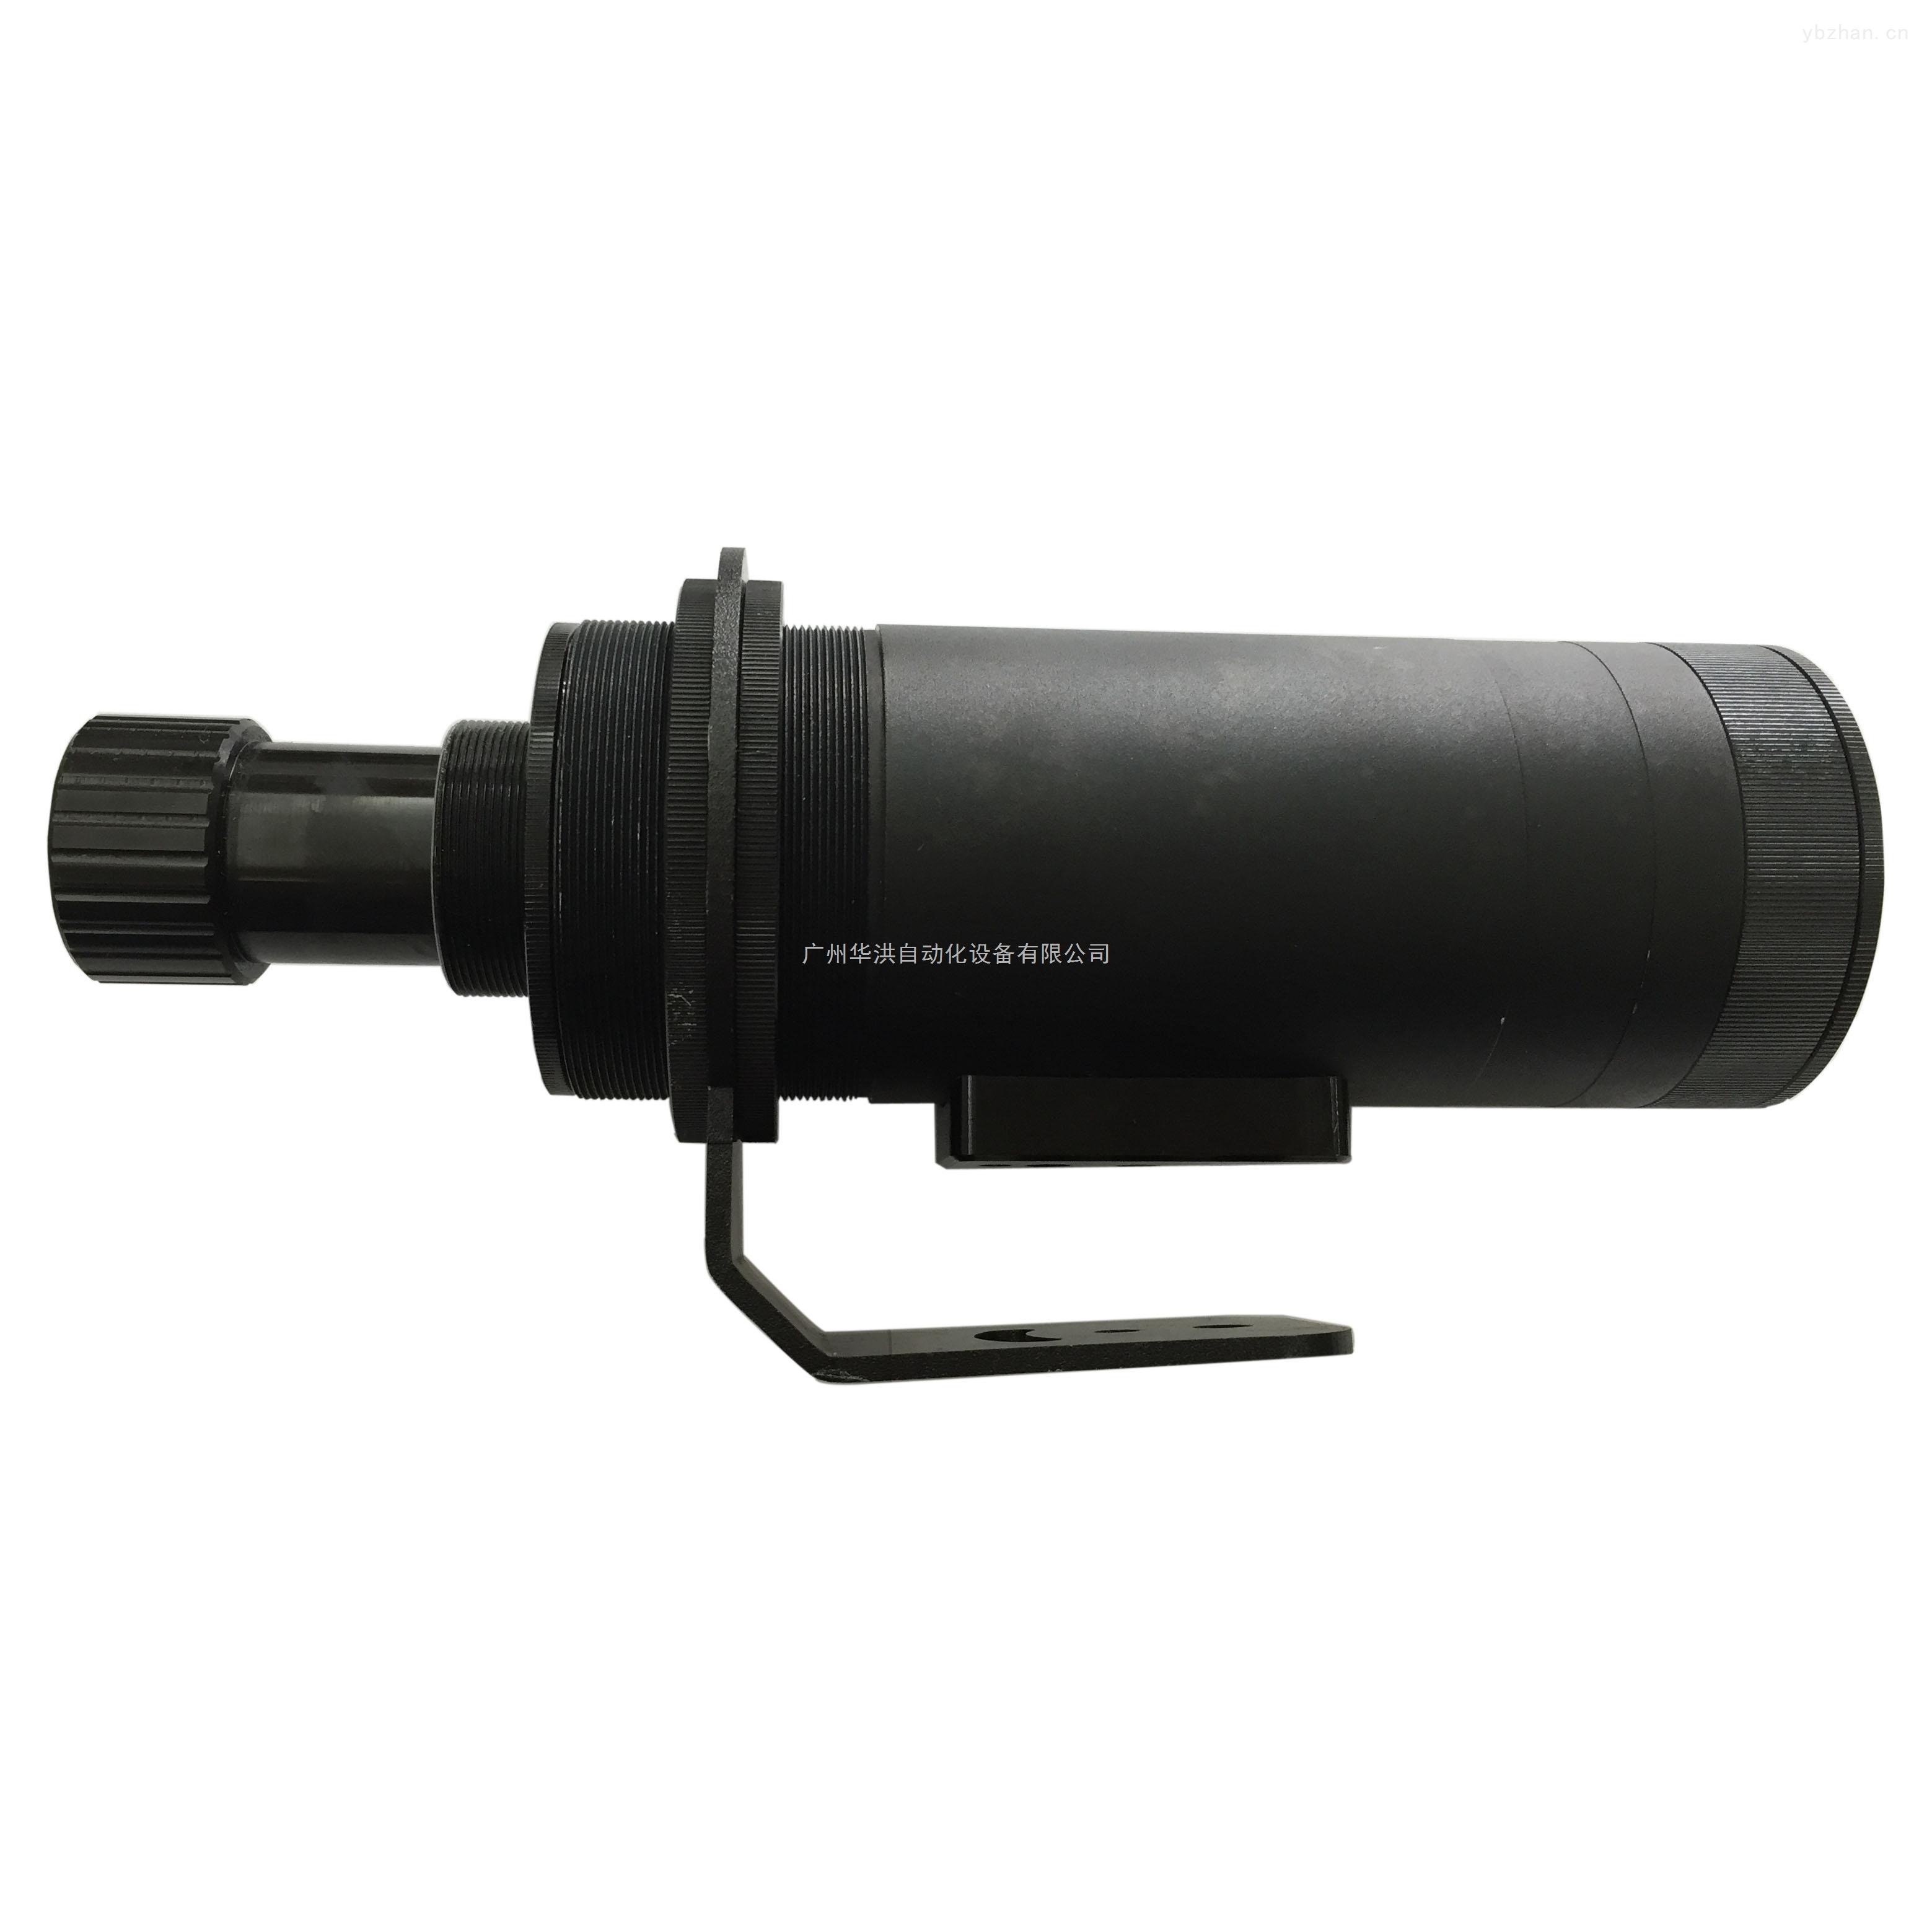 目视测温瞄准系列红外测温仪